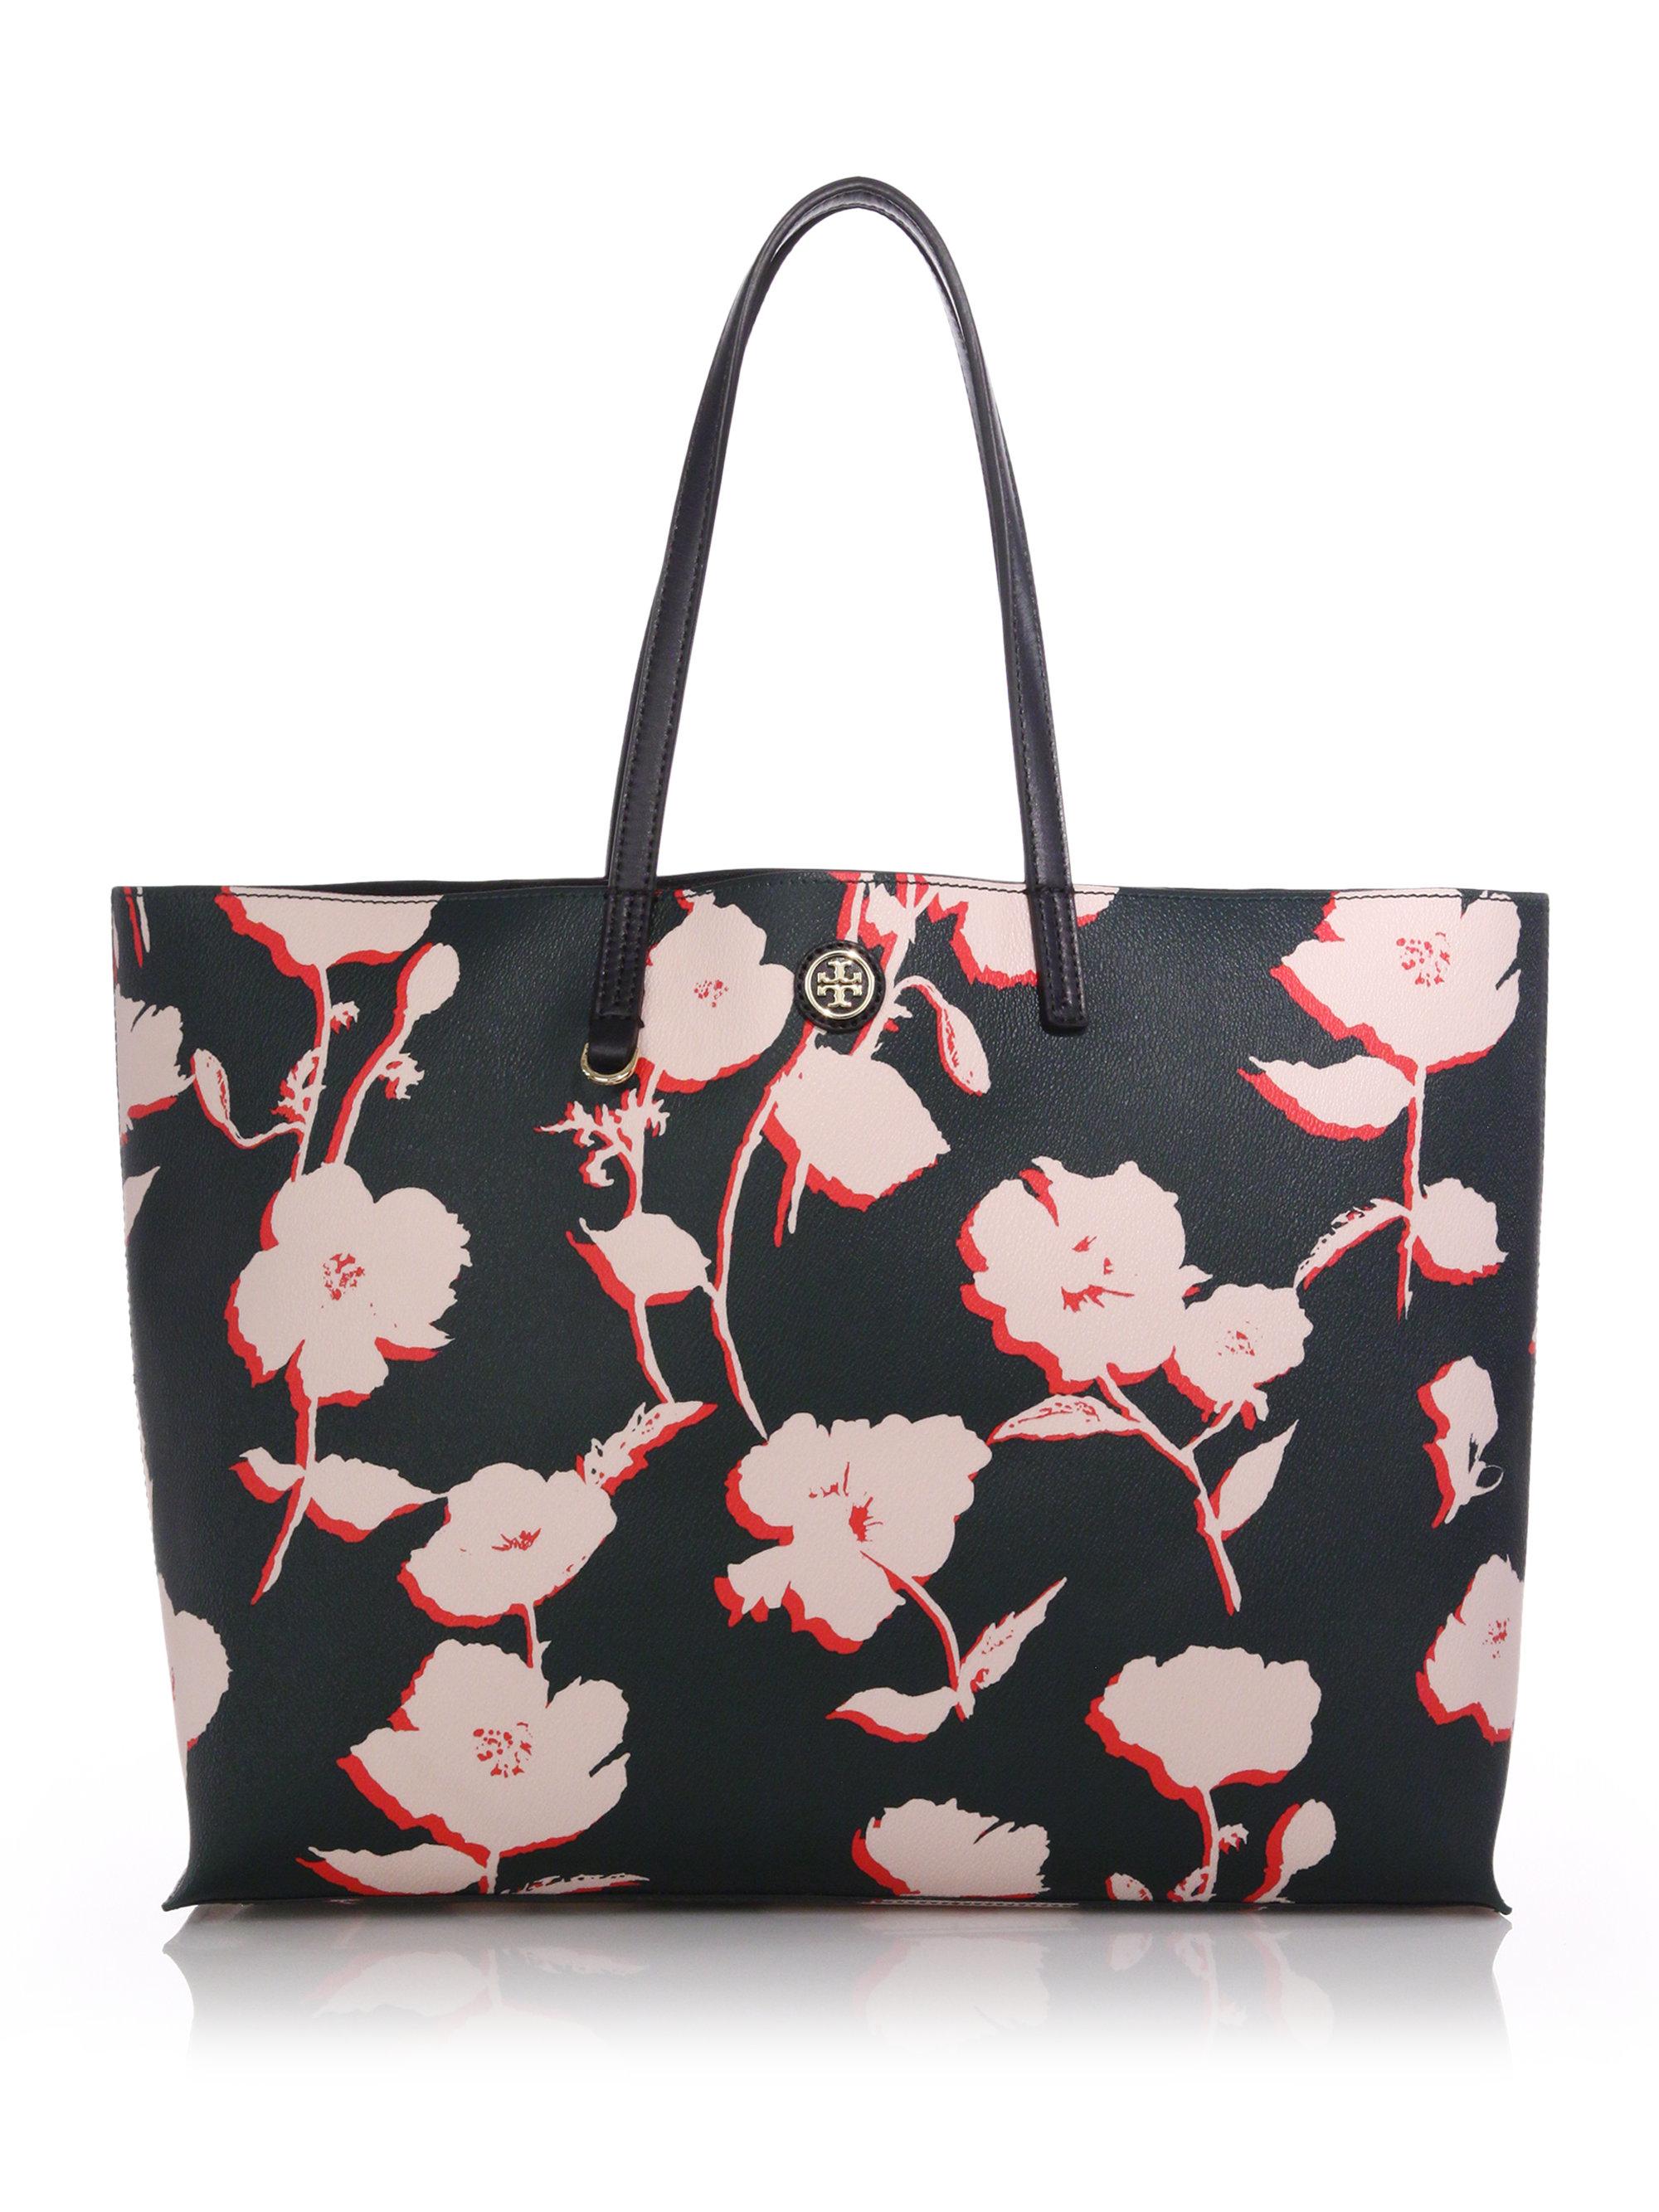 9e97cedafa1 Floral print leather handbags